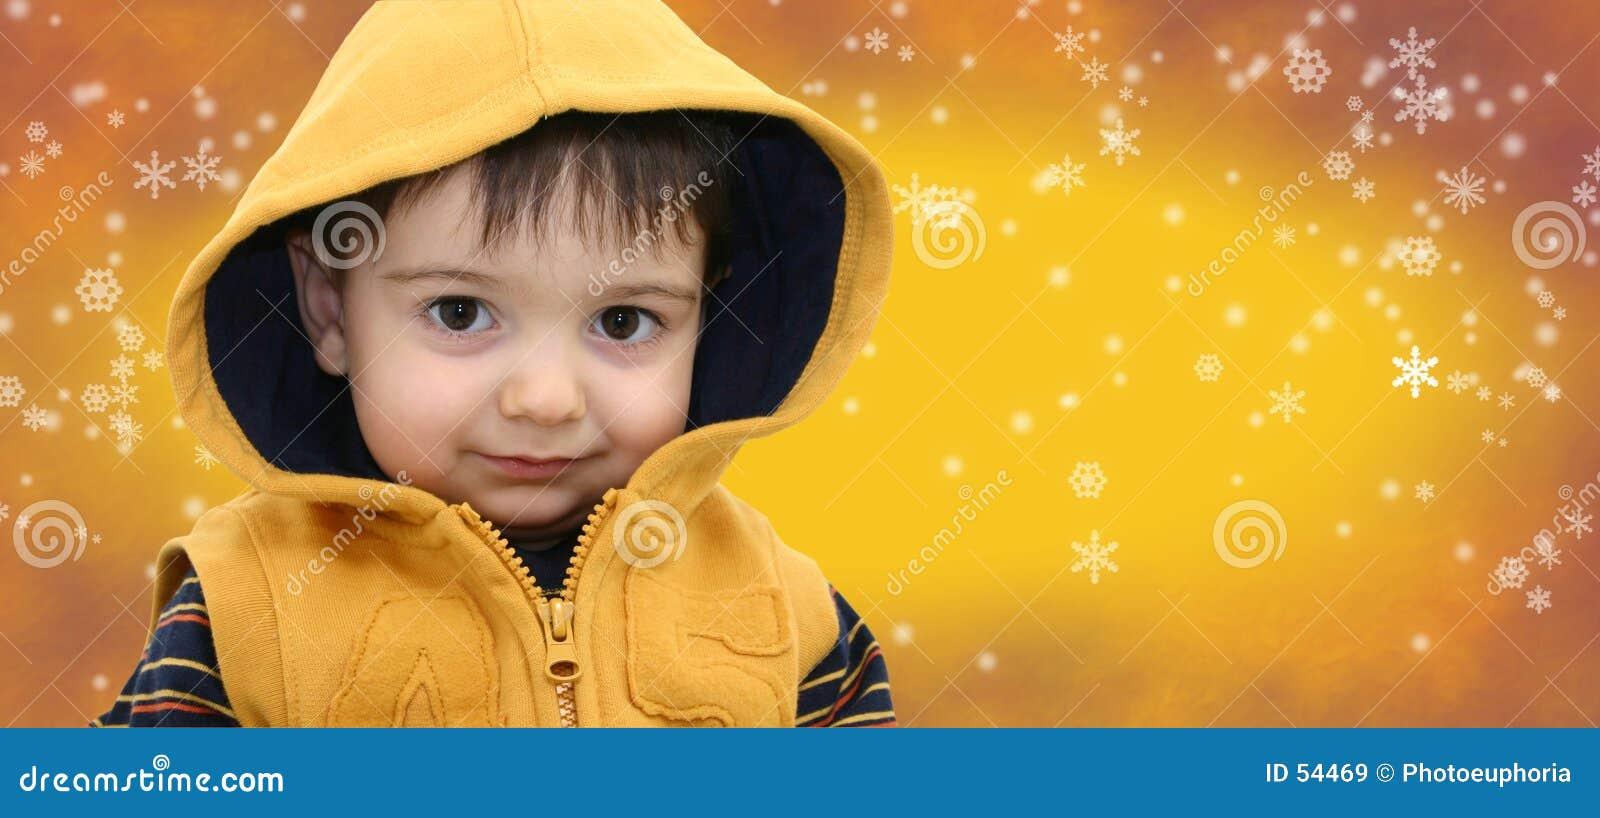 Chłopcy tła dziecko snowfiake zimy żółty